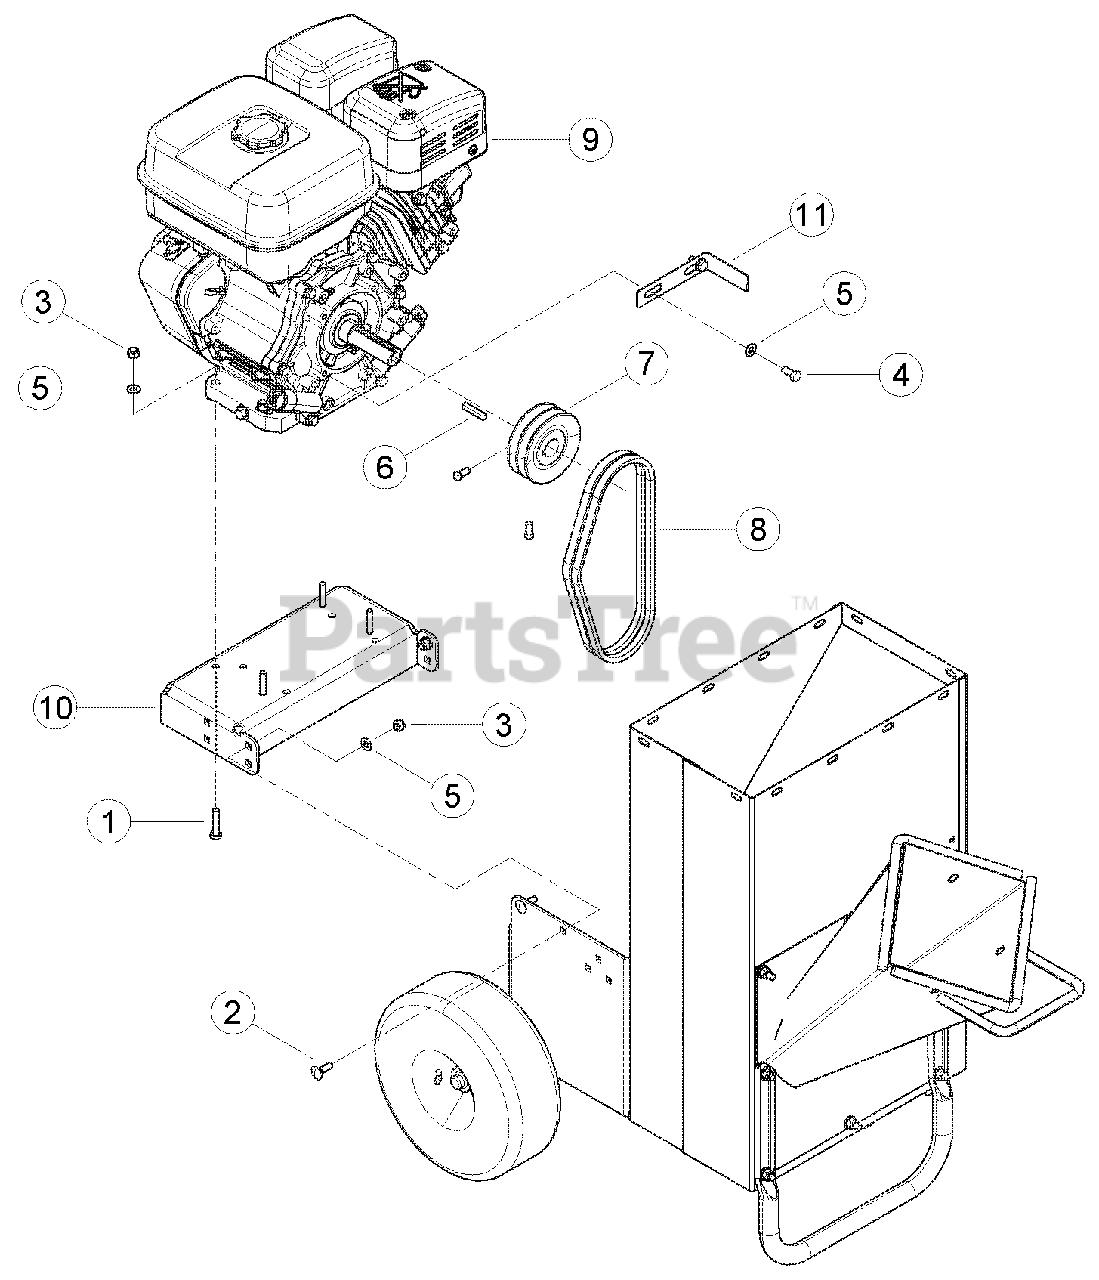 subaru 265cc engine diagram bear cat sc 3265 bear cat 3  chipper shredder  265cc subaru  sn  chipper shredder  265cc subaru